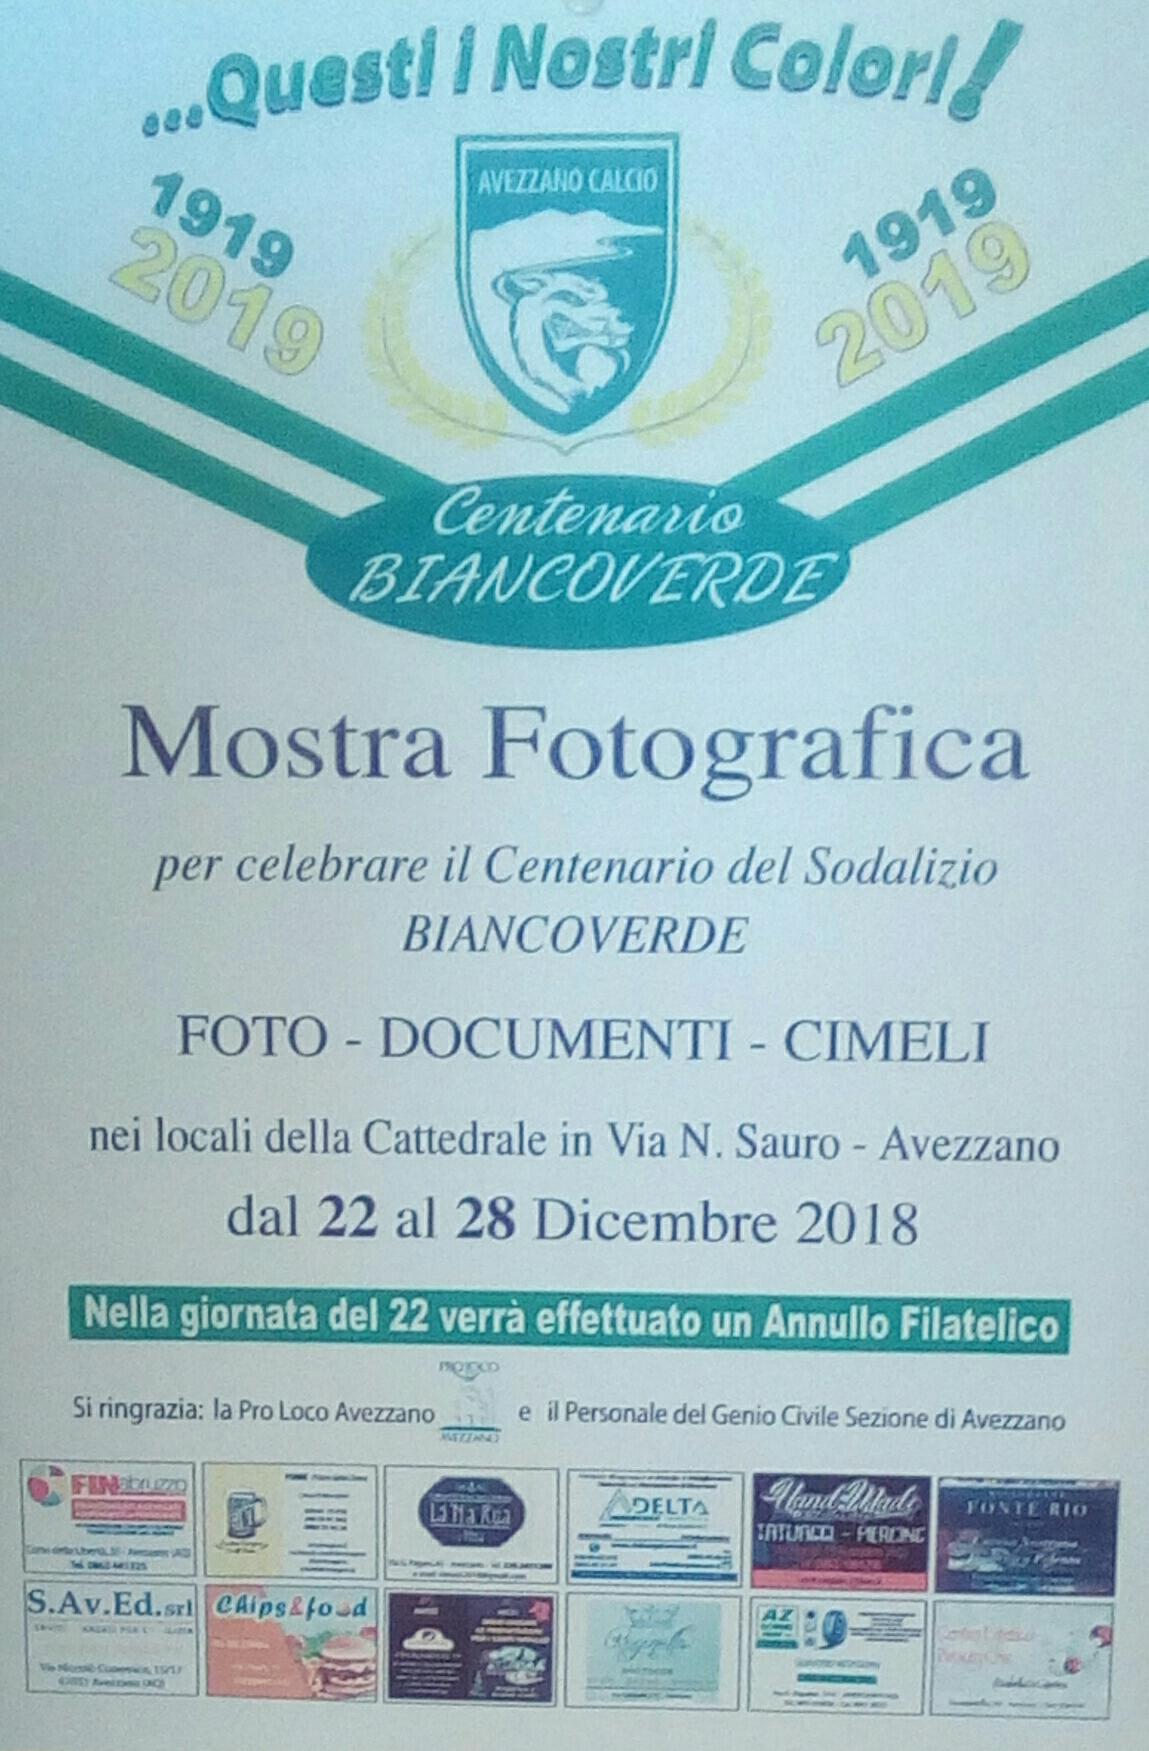 Mostra fotografica per il centenario dell'Avezzano Calcio